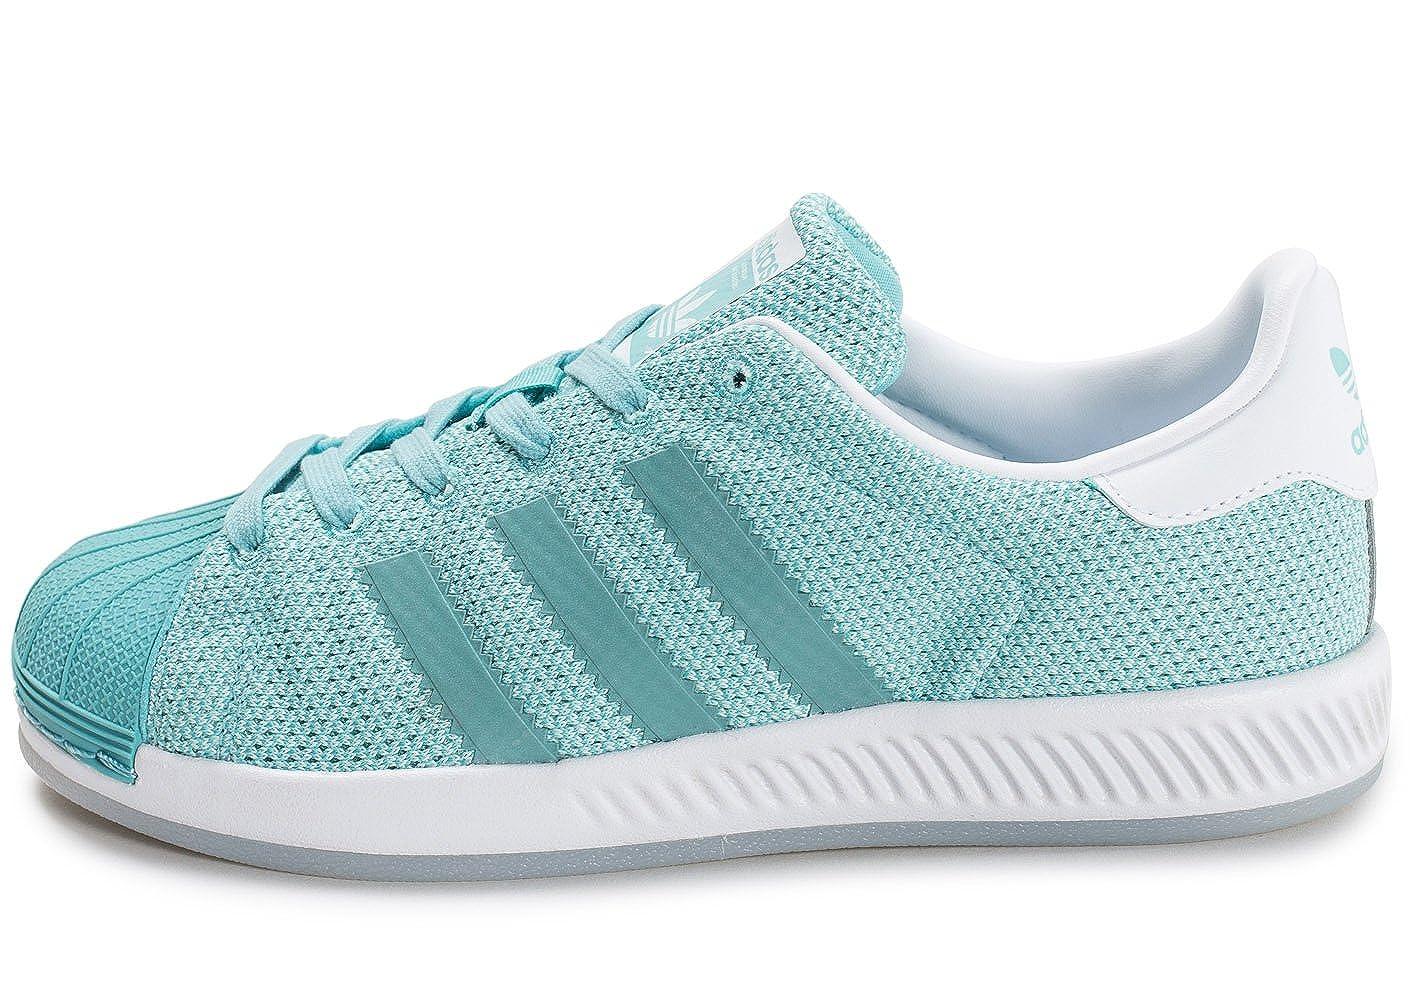 Adidas Damen äußerst ar Bounce W Turnschuhe